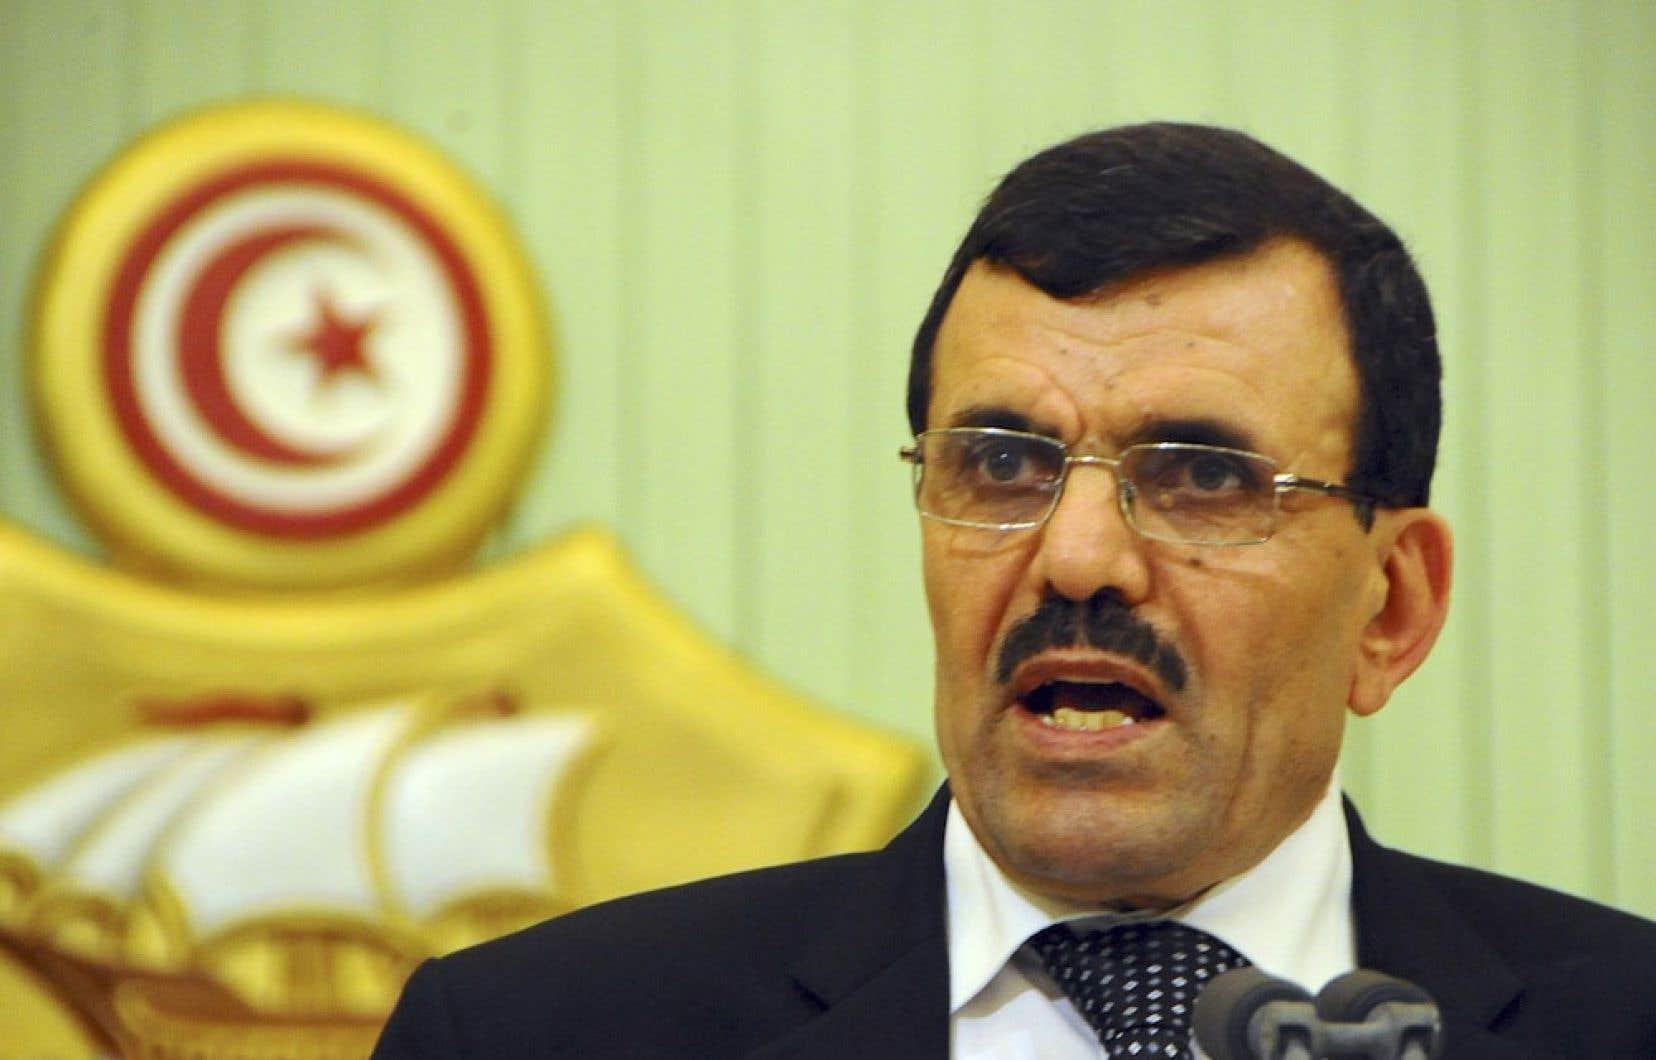 Le premier ministre tunisien Ali Larayedh